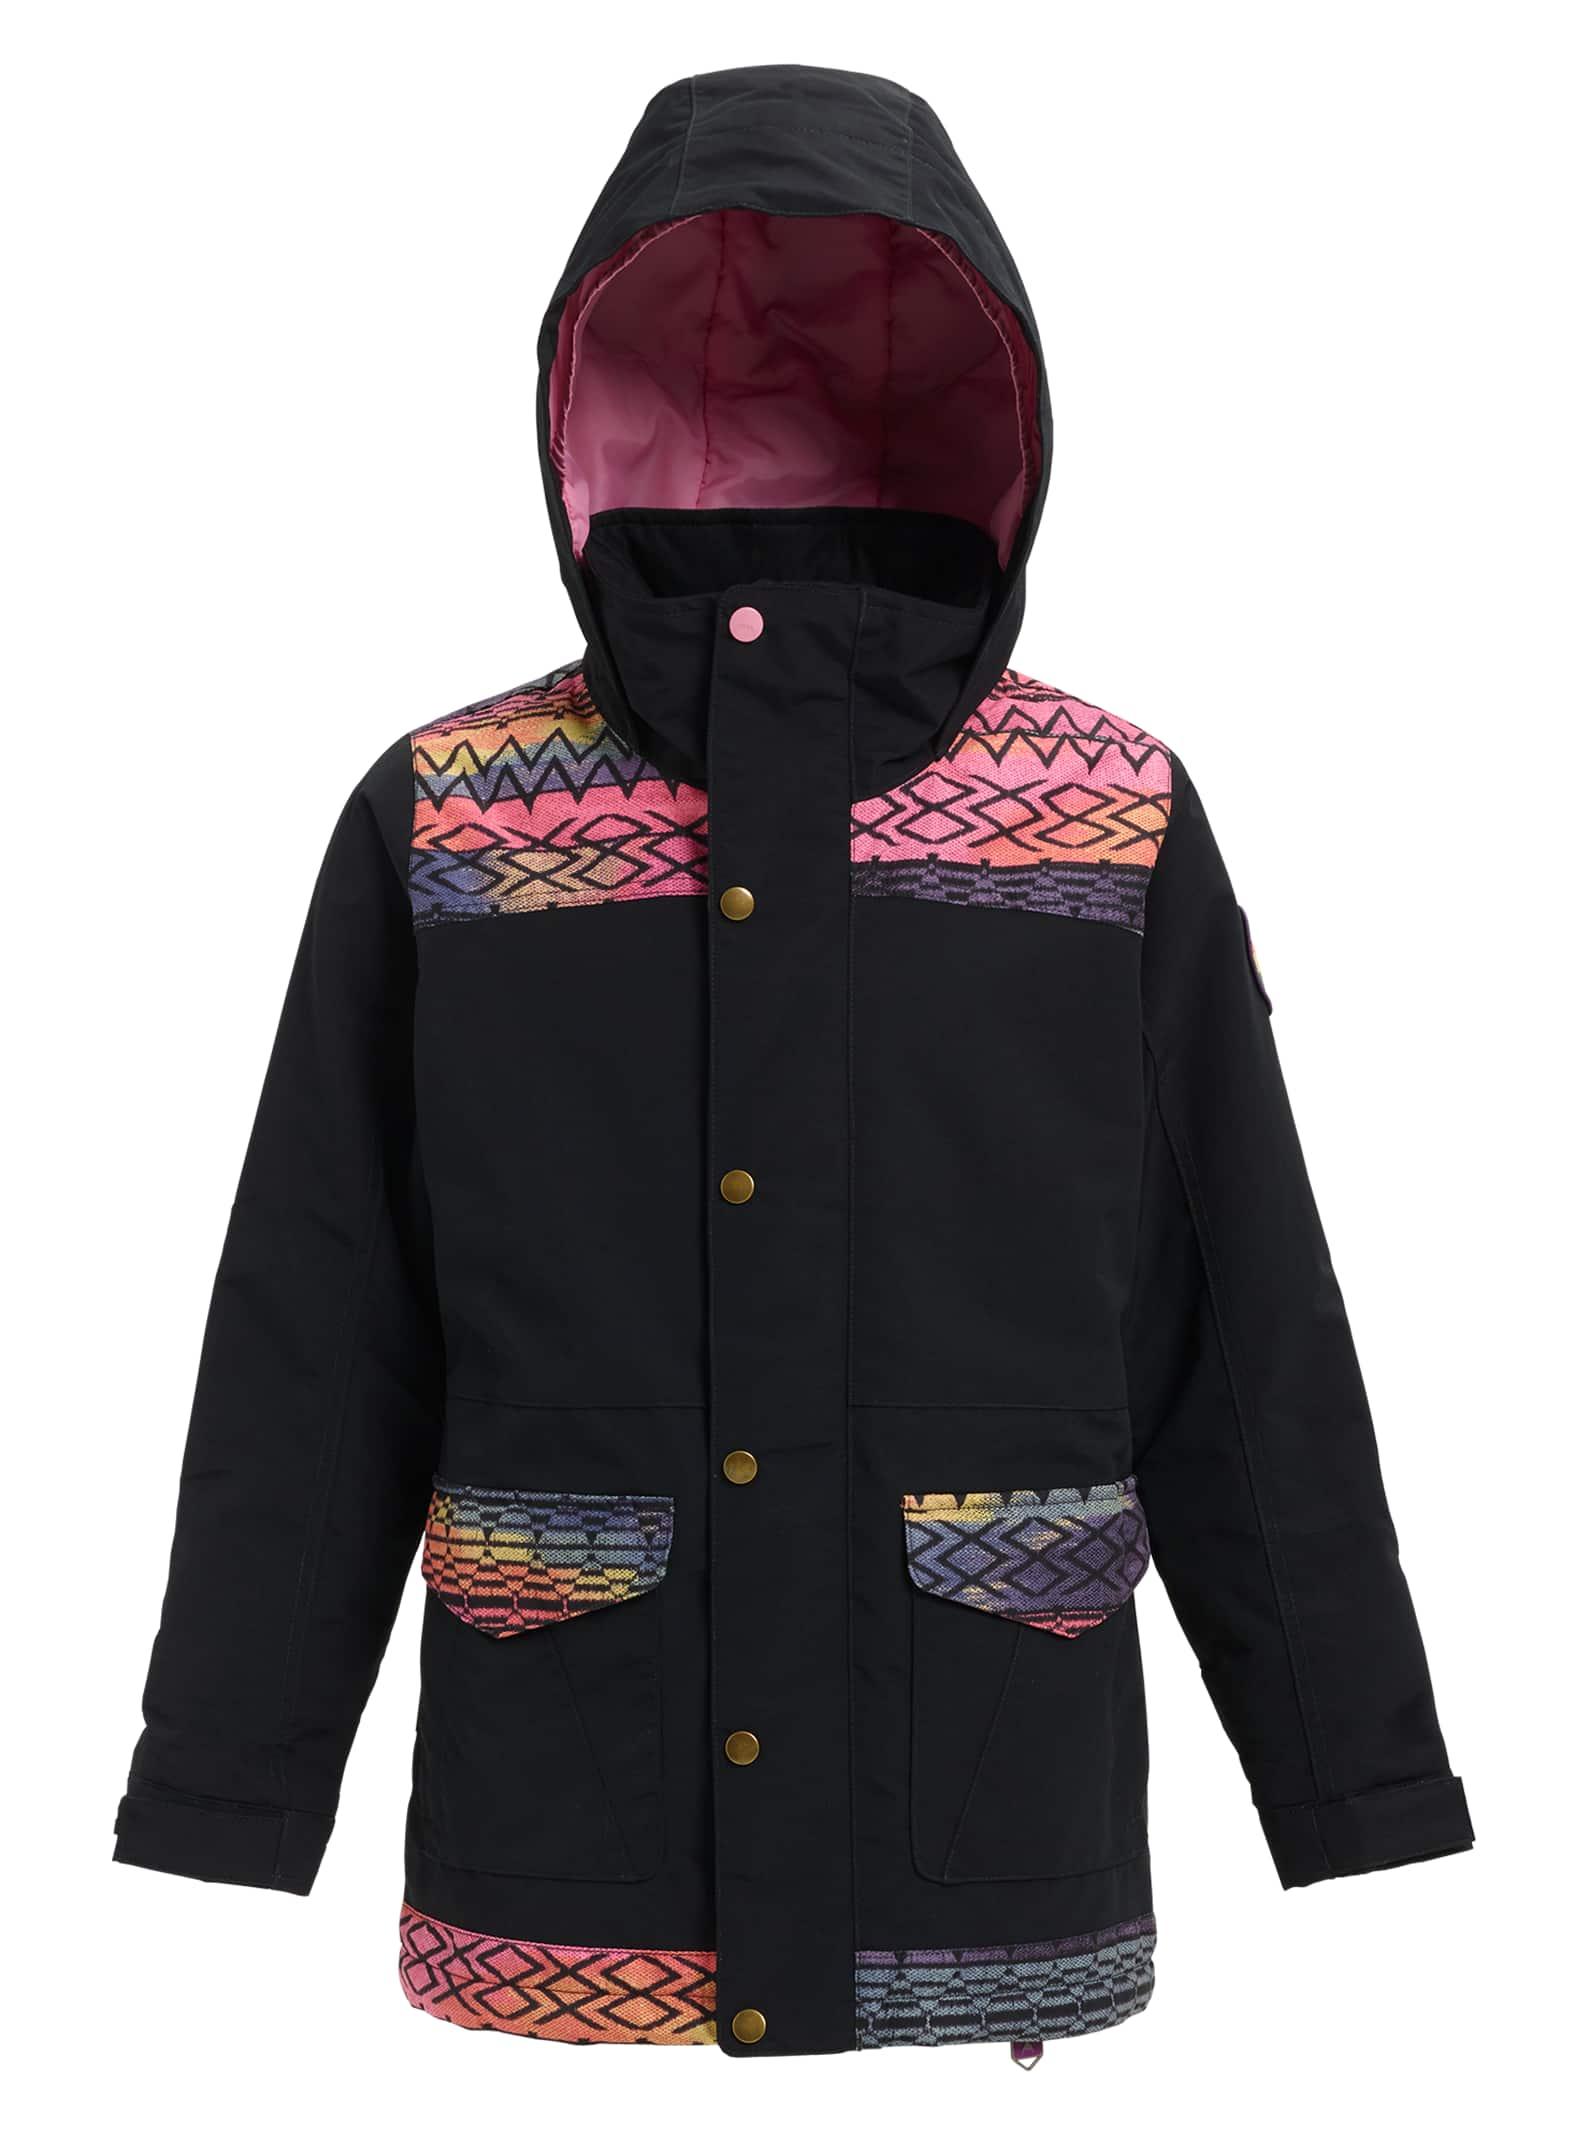 9a0be5d5d6 Girls' Burton Elstar Jacket